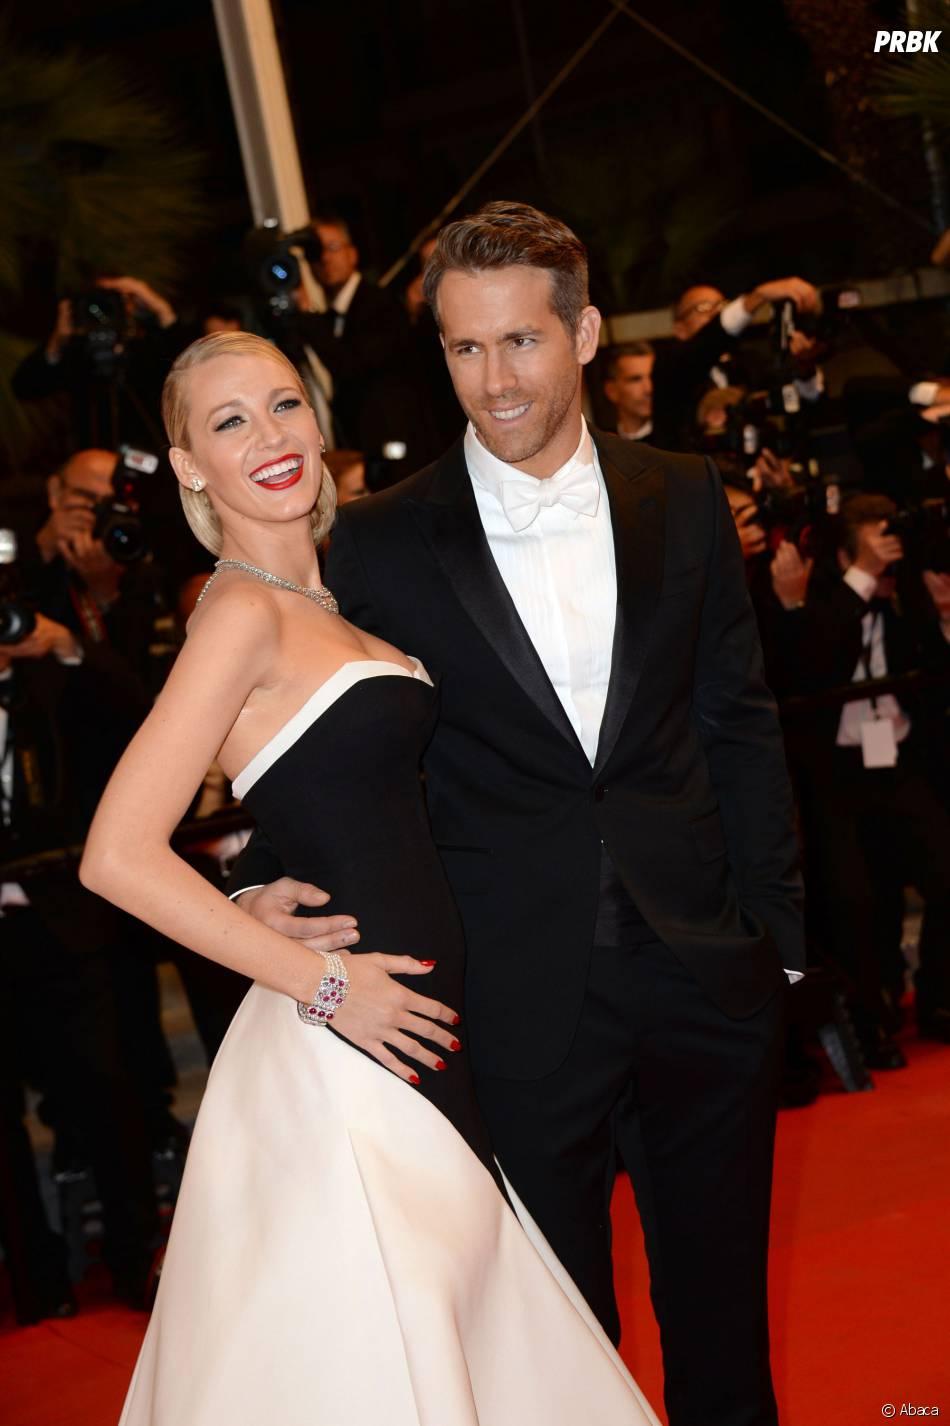 Blake Lively et Ryan Reynolds sur le tapis rouge du Festival de Cannes 2014, le vendredi 16 mai